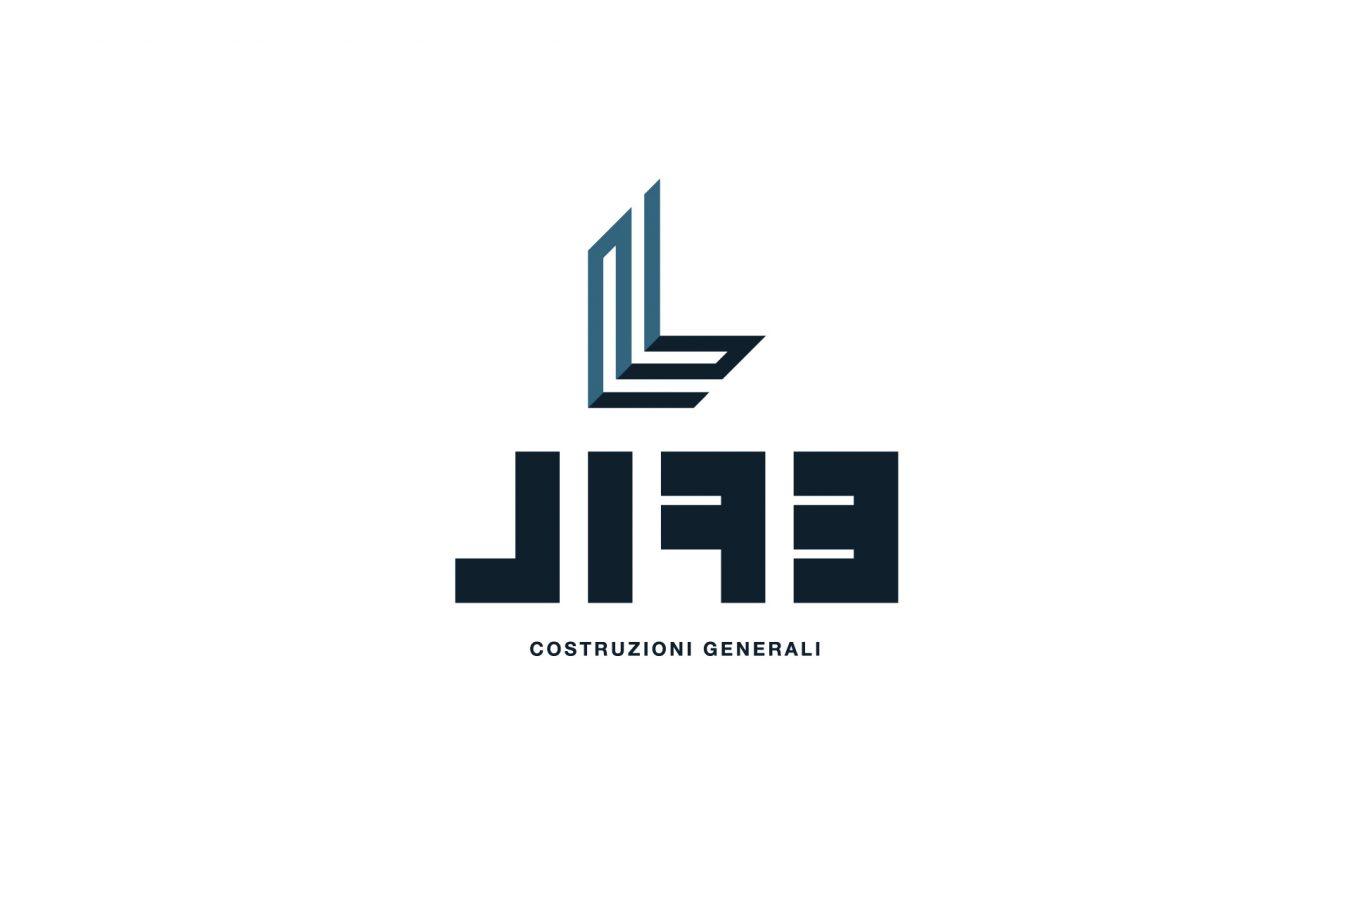 Logo, Brand Design, Corporate Identity, Immagine coordinata, pubblicità, marketing, grafica Campobasso